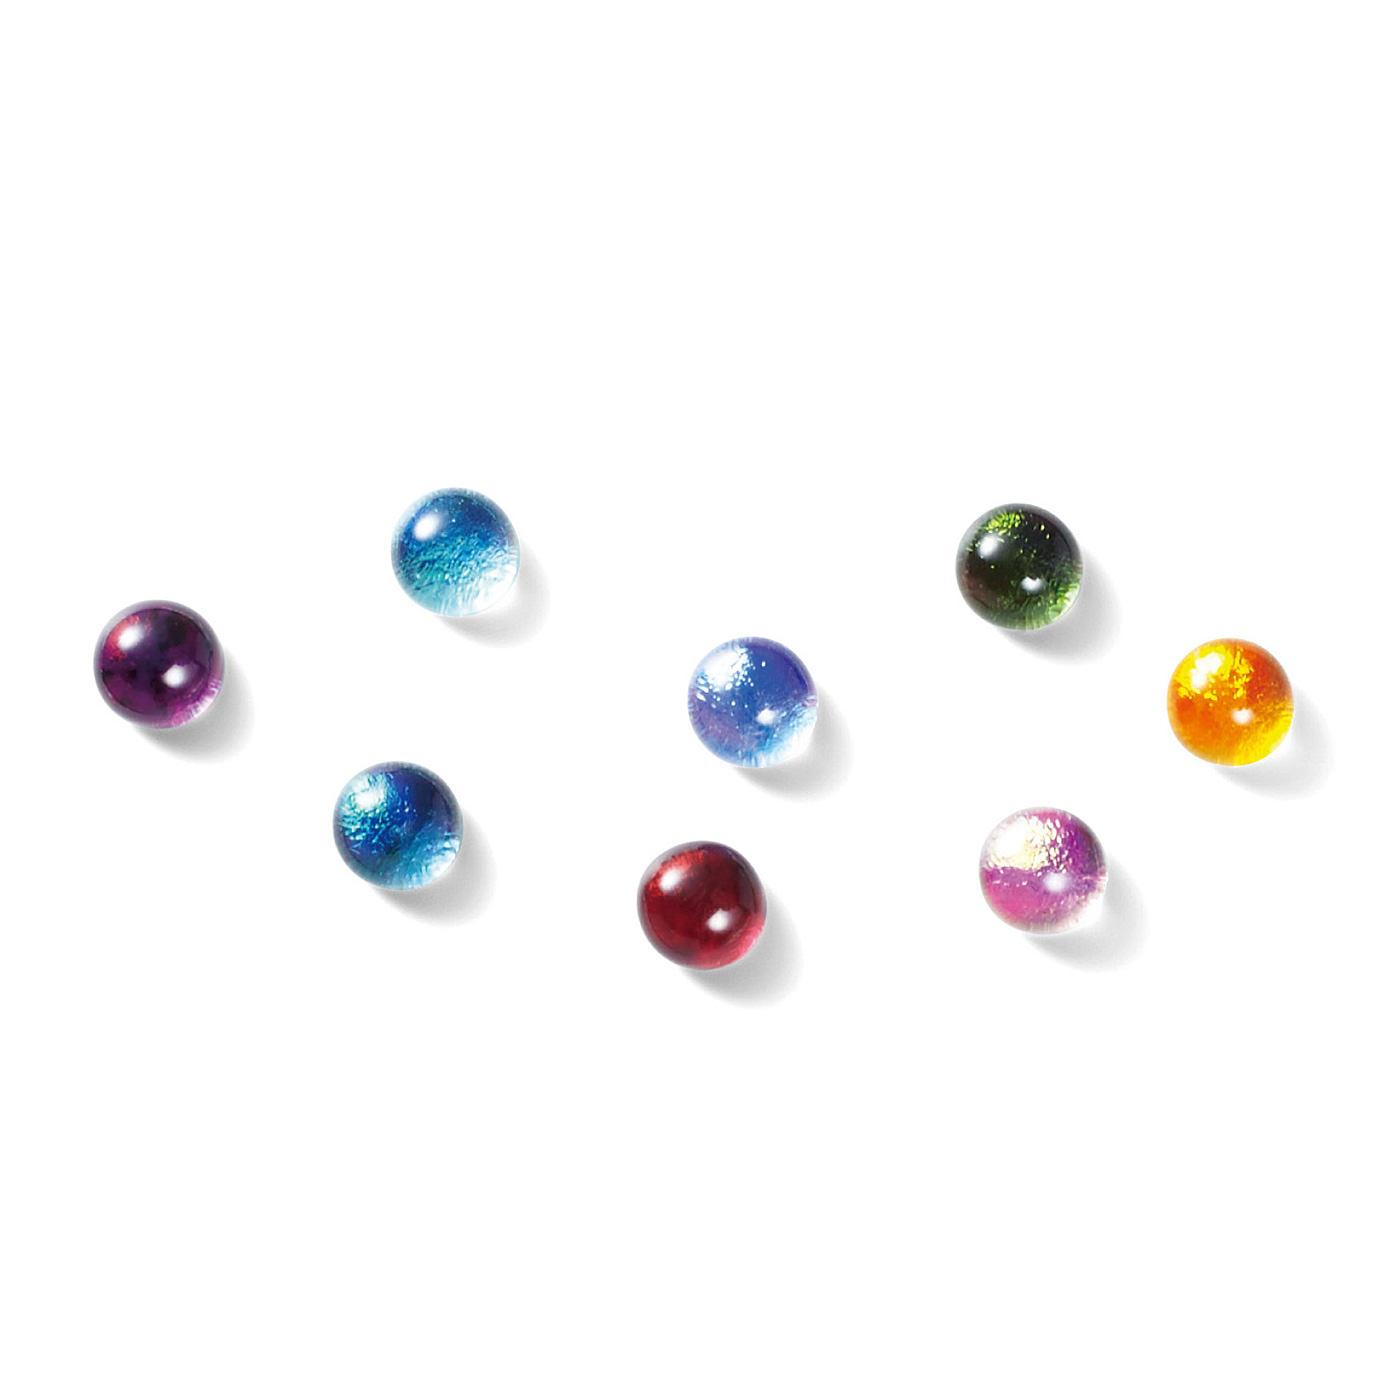 虹色のダイクロガラスを色ガラスと重ねて焼成。2種類のガラスが重なっているため、奥行きのある深い色合いになります。